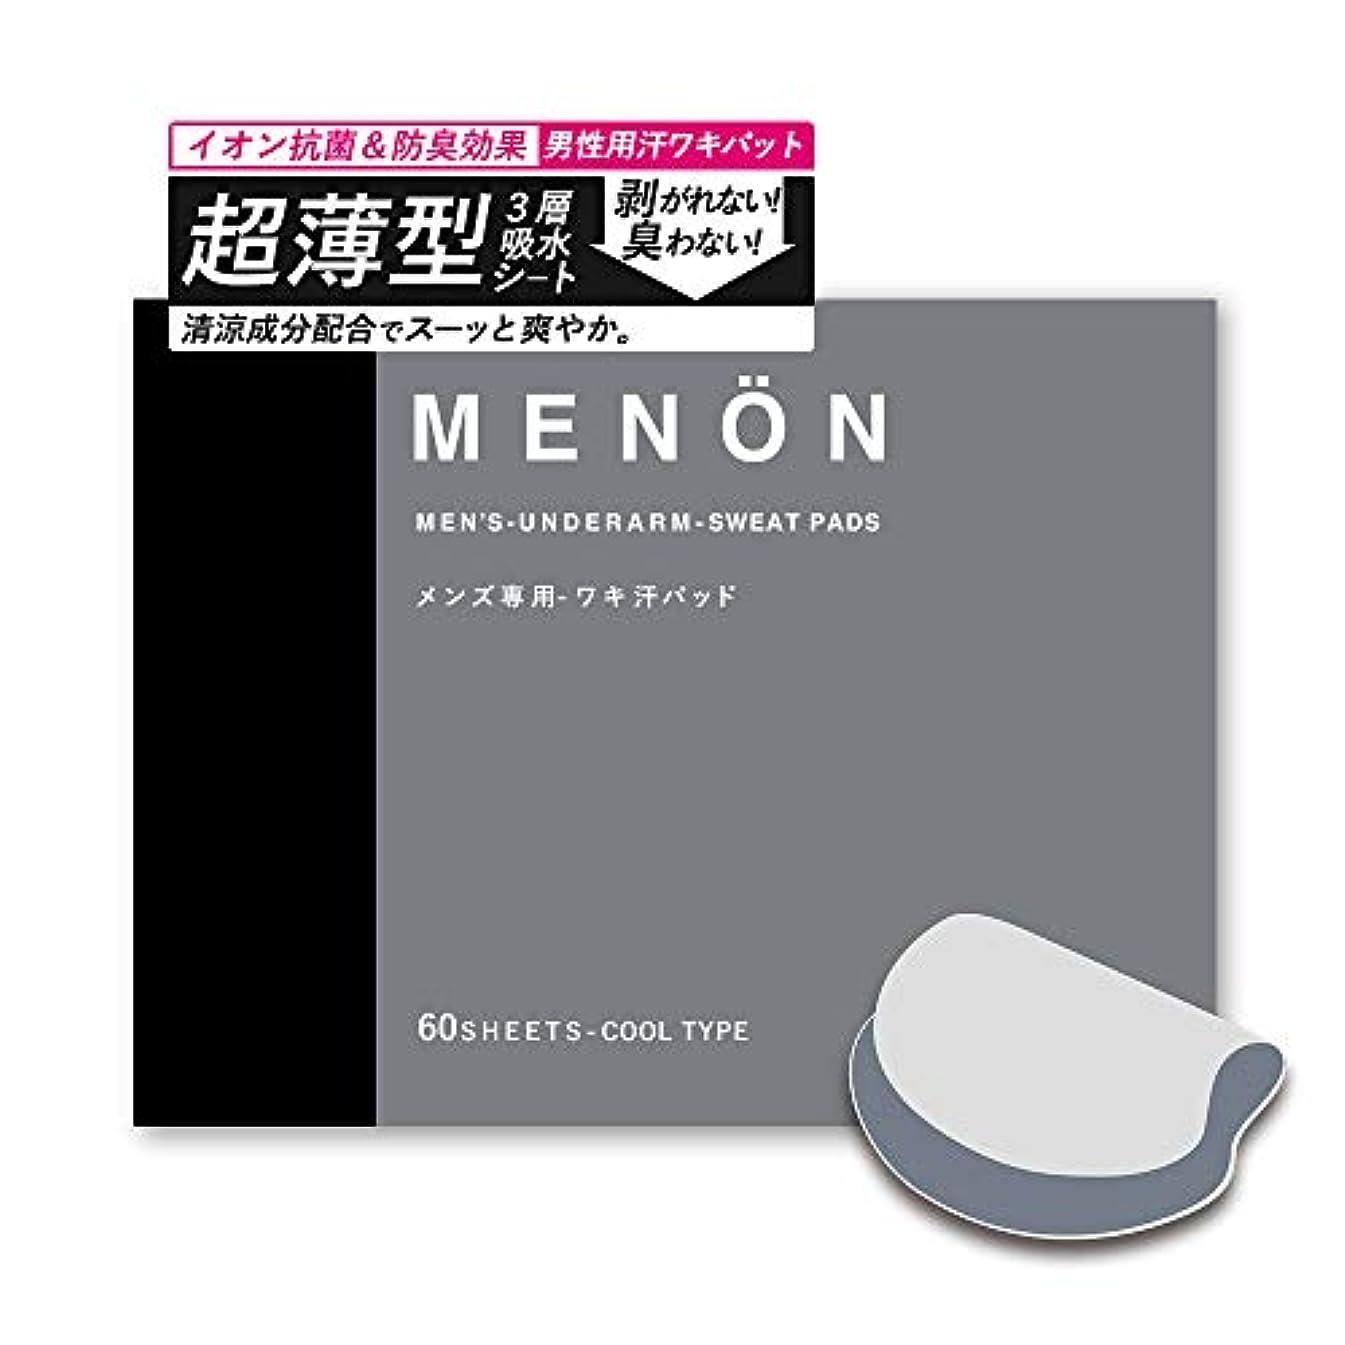 独創的合体病気だと思うMENON 安心の日本製 脇汗パッド メンズ 使い捨て 汗取りパッド 大容量60枚 (30セット) 清涼成分配合 脇汗 男性用 ボディケア 汗ジミ?臭い予防に パッド シール メノン